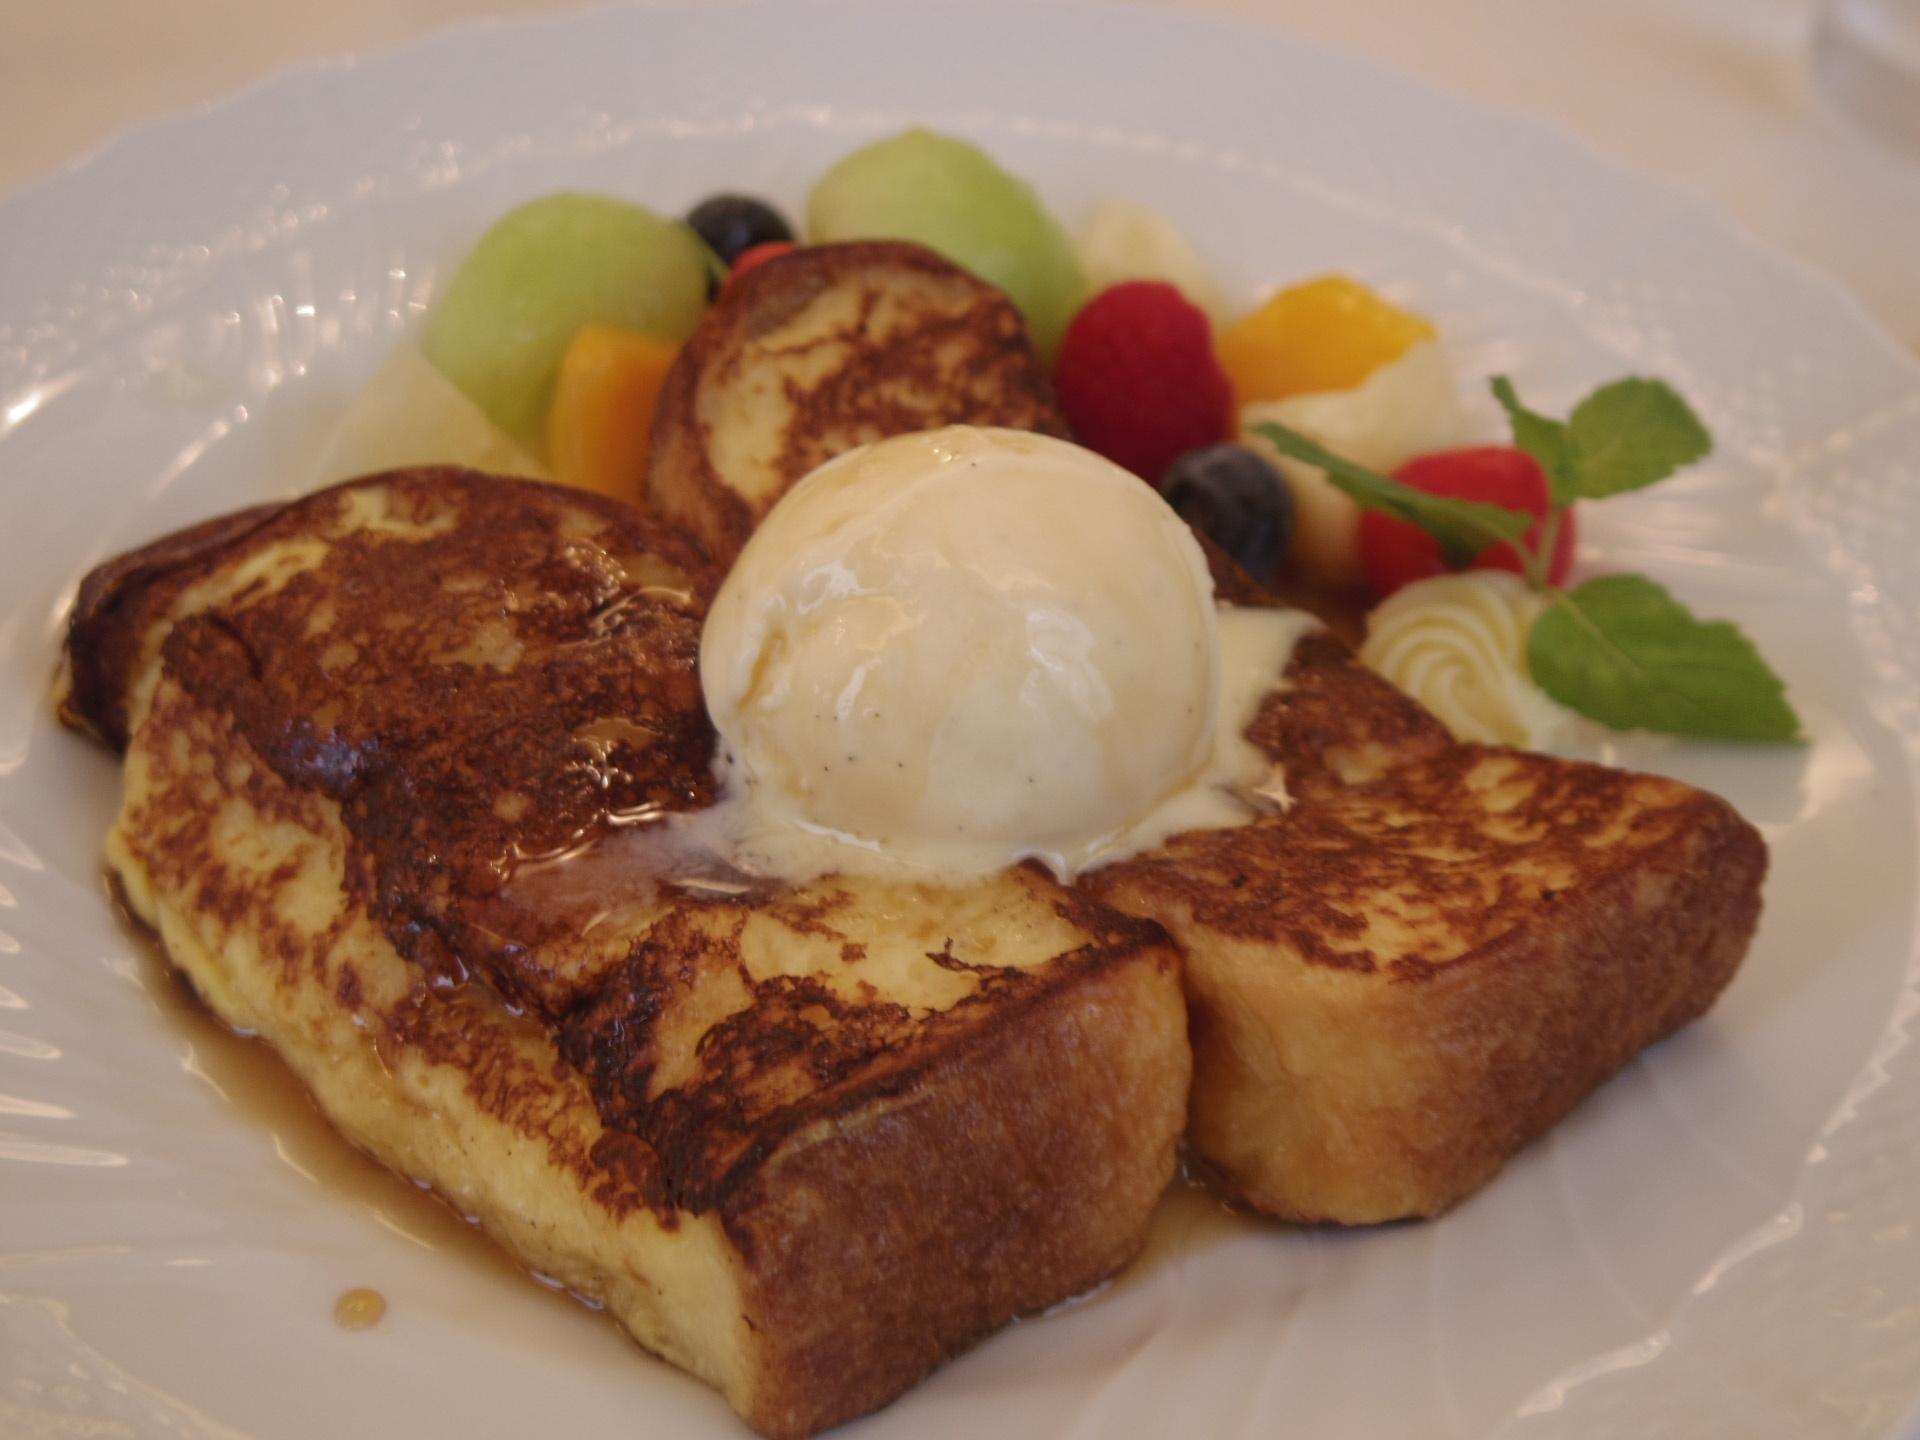 レトロな洋館で限定ケーキやランチが味わえる「GOKAN-五感 北浜本館」! お米を使ったケーキなど色鮮やかなスイーツは自分へのご褒美や手土産にピッタリ!